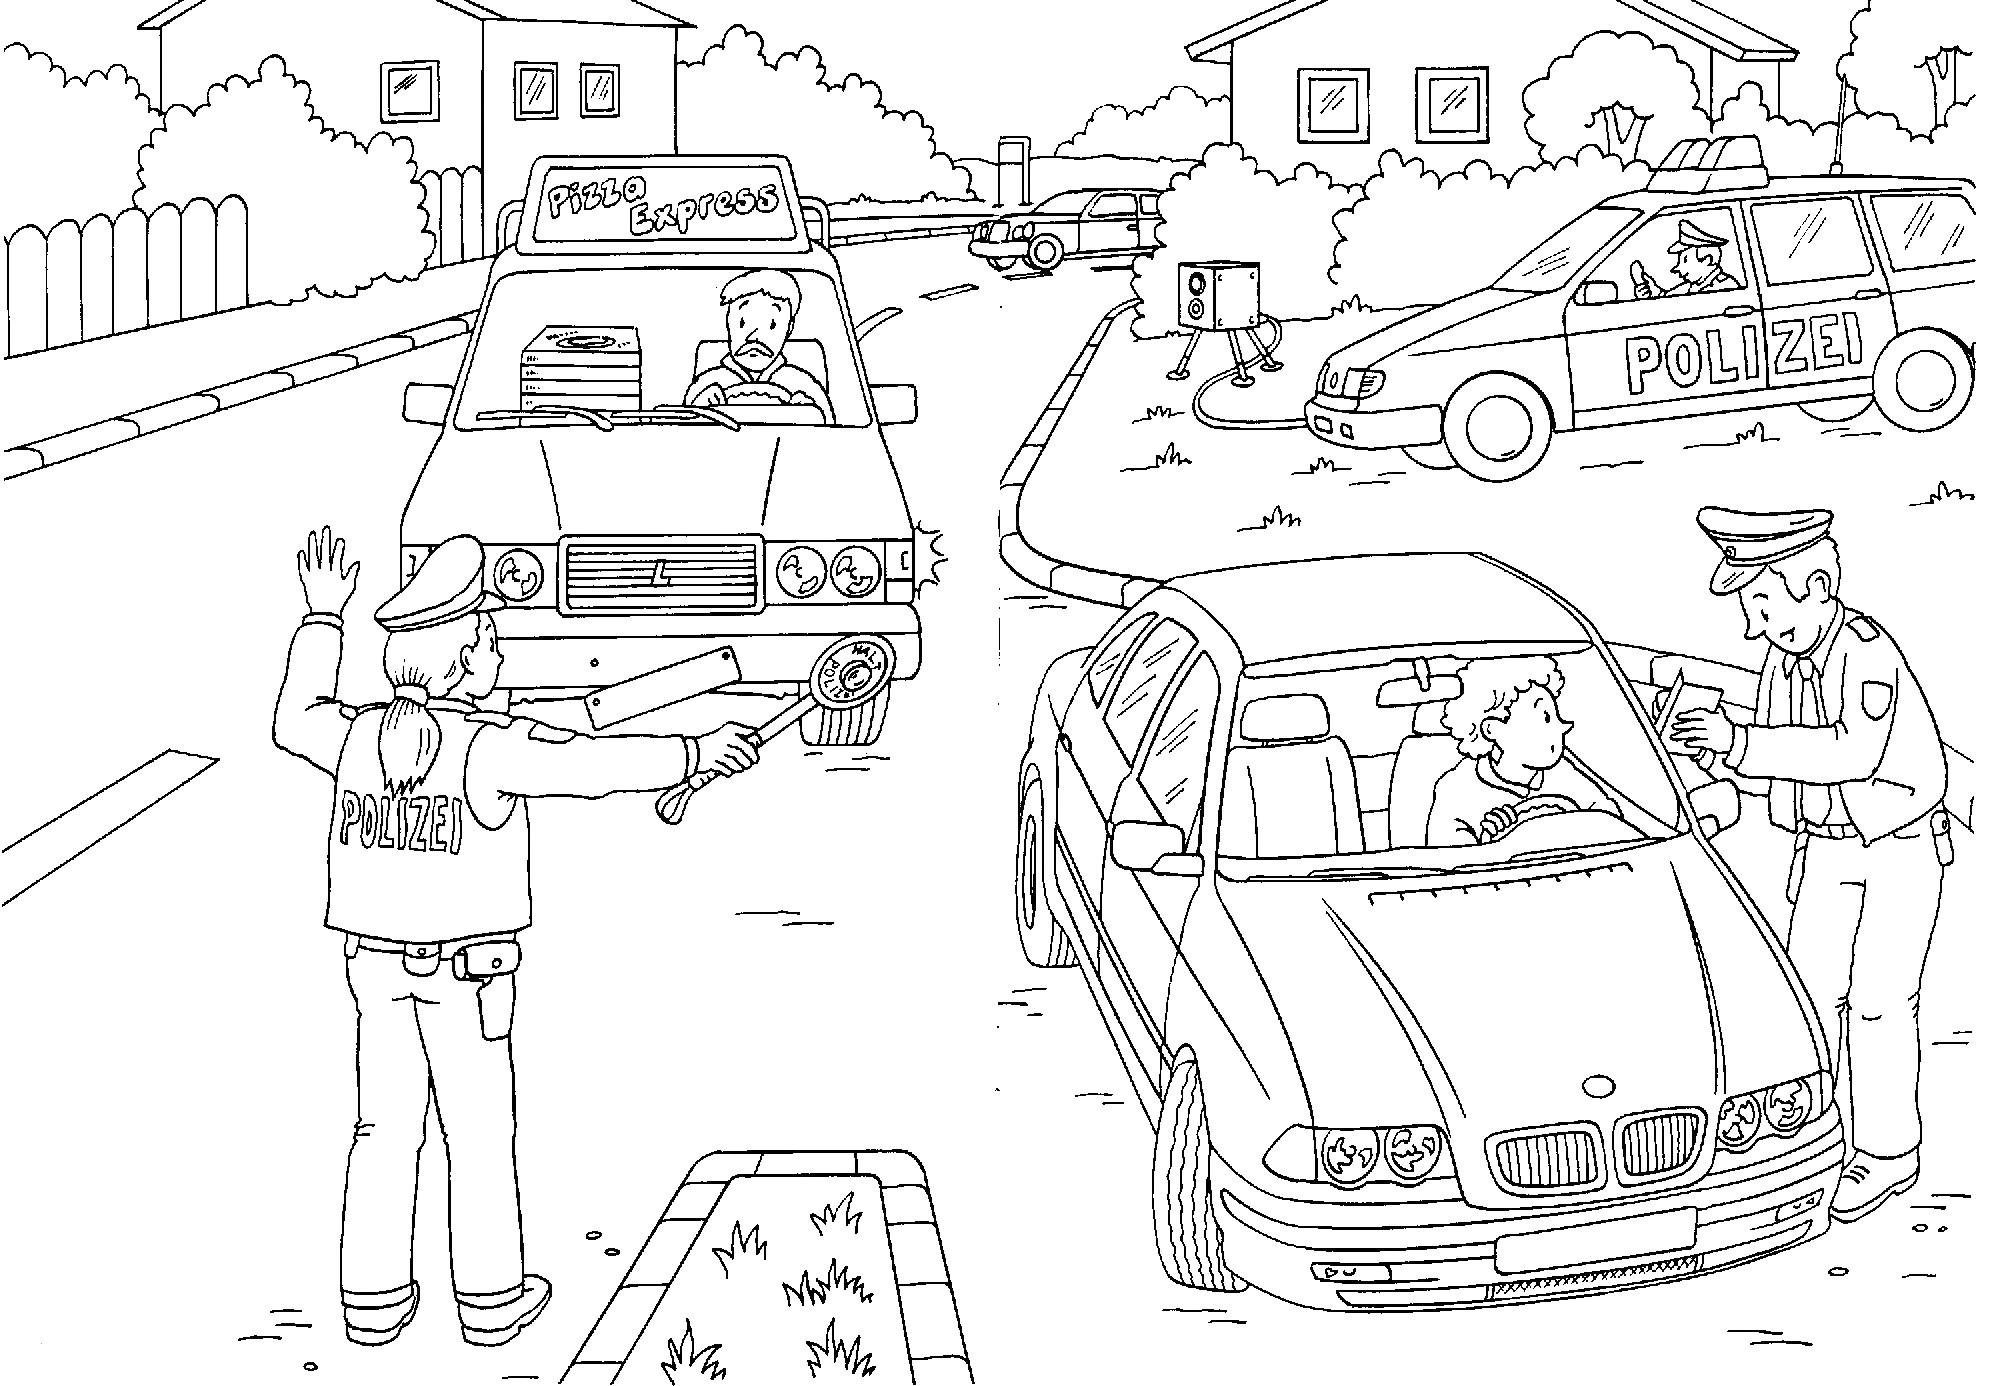 Playmobil Zum Ausmalen Genial Ausmalbilder Haus Von Innen Frisch Drei Auto Polizei Ausmalbilder 75 Das Bild